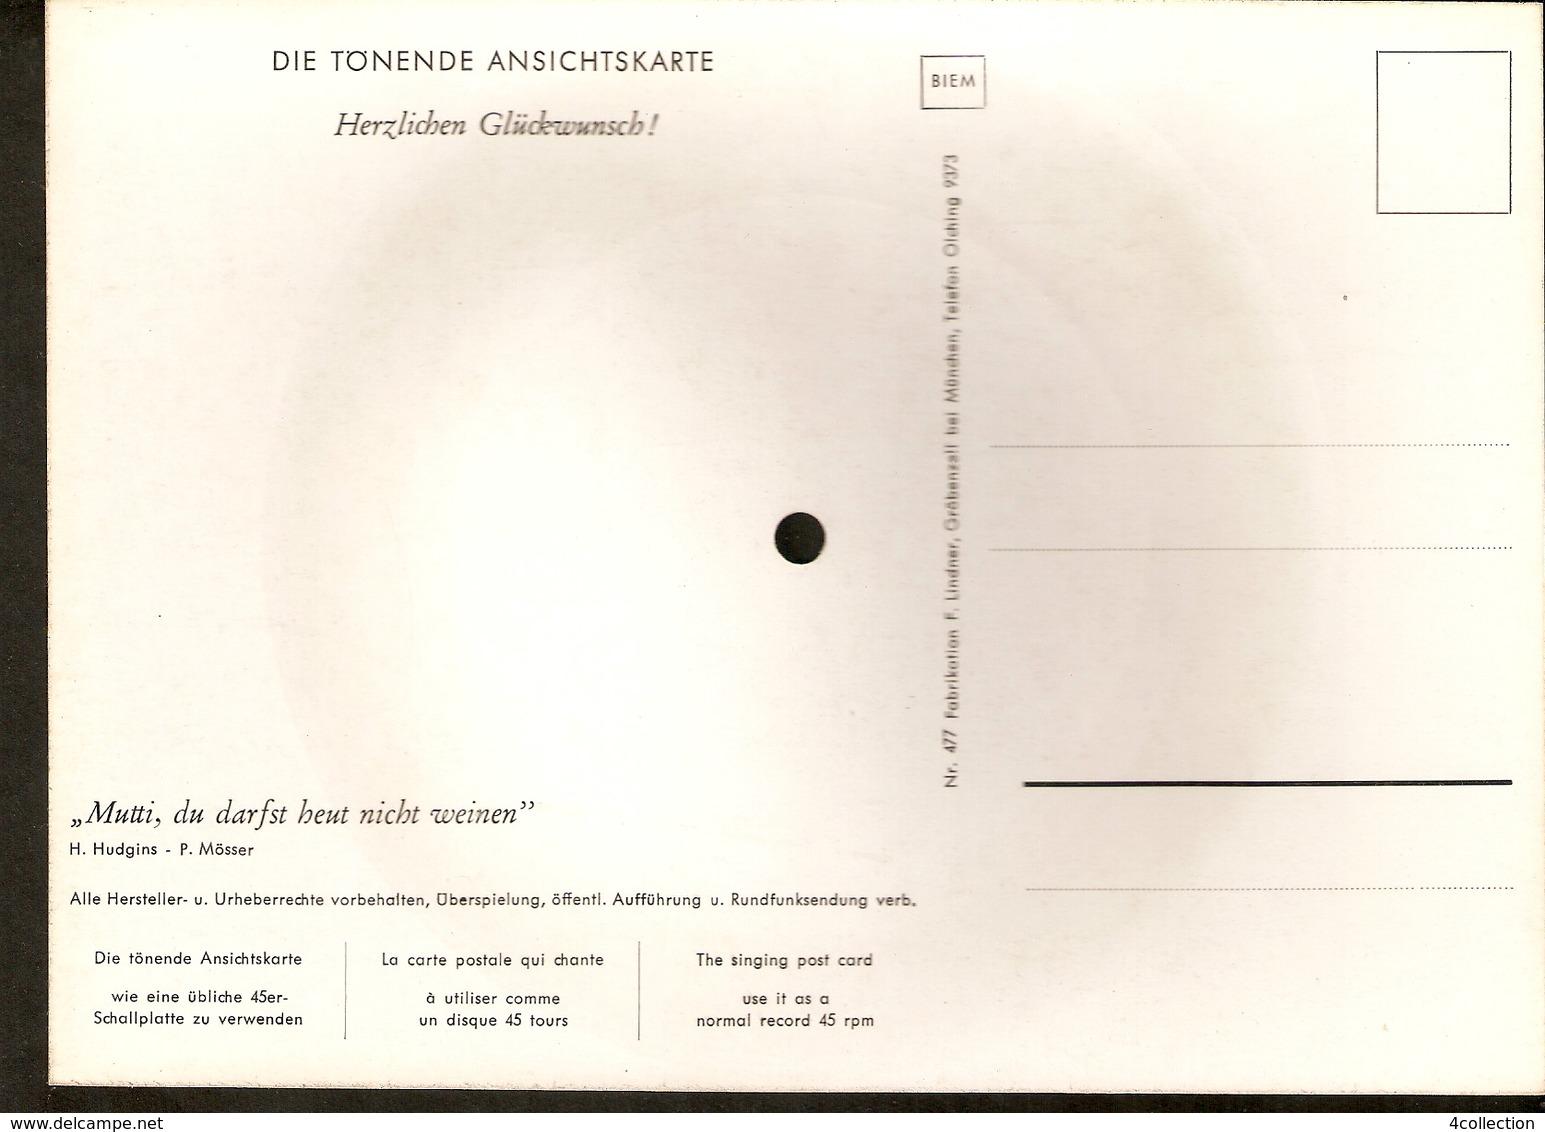 Old Musical 45rpm Record Postcard Herzlichen Gluckwunsch Hudgins Mosser Mutti Du Darfst Heut Nicht Weinen - Vinyl Records